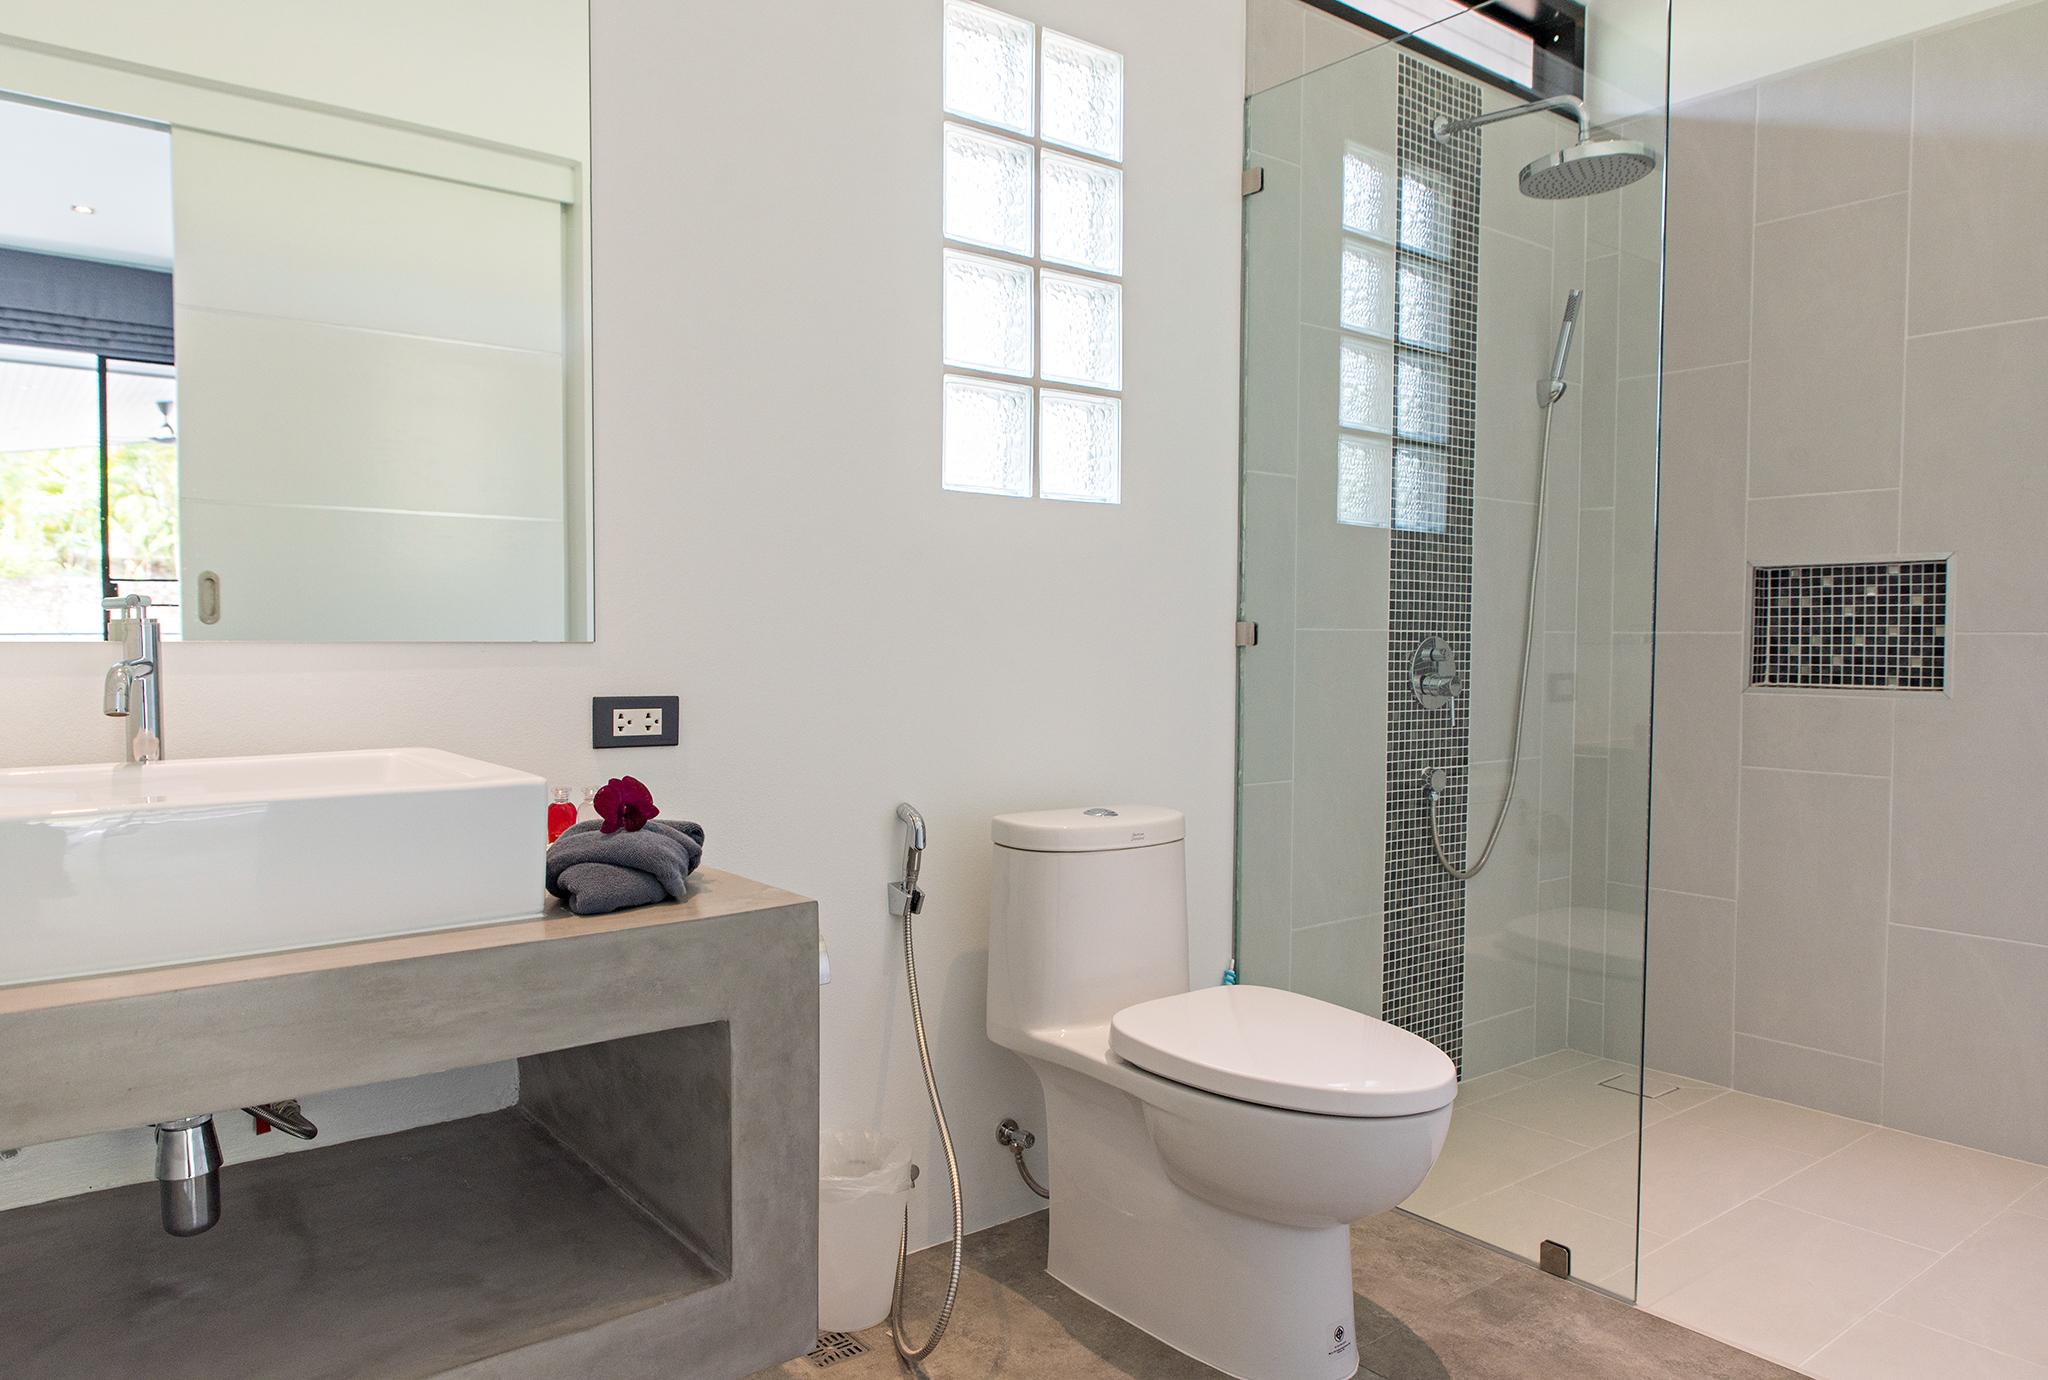 4 BDR with 4 ensuite bathrooms - Baan Sawadee villa Koh Samui Thailand